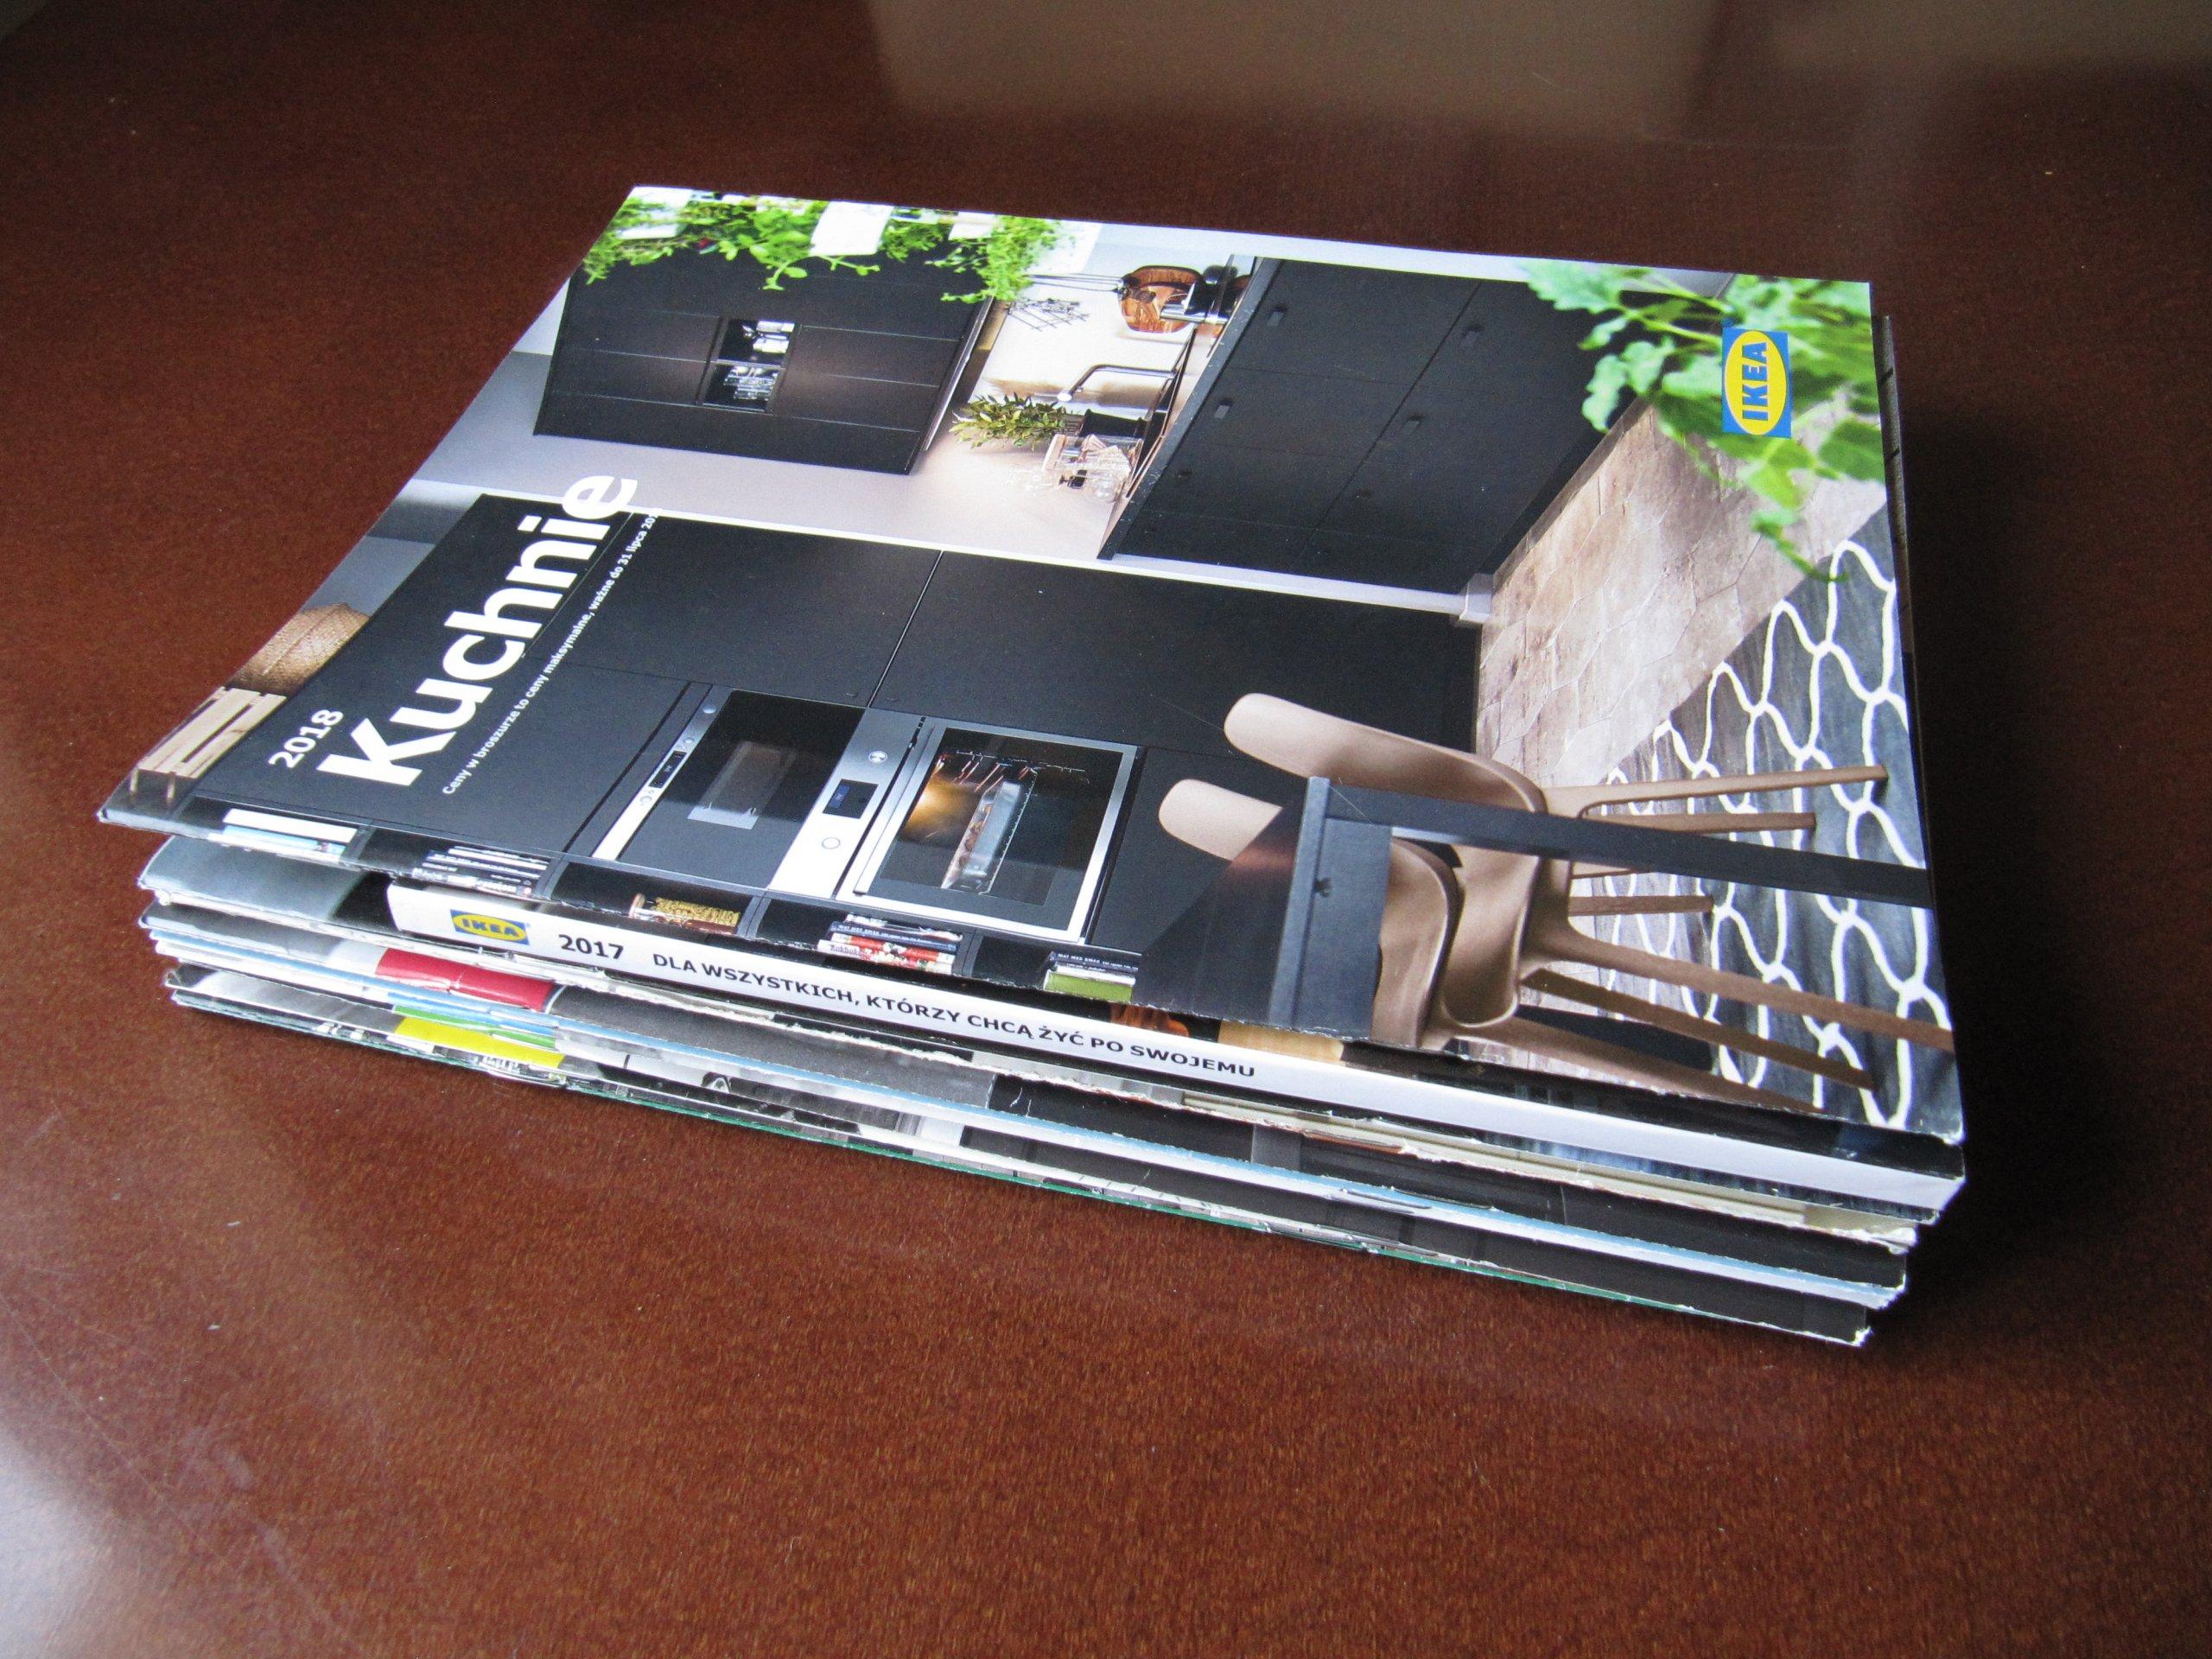 12 X Katalog Ikea Meble Agd Kuchnie 2012 2018 7407940777